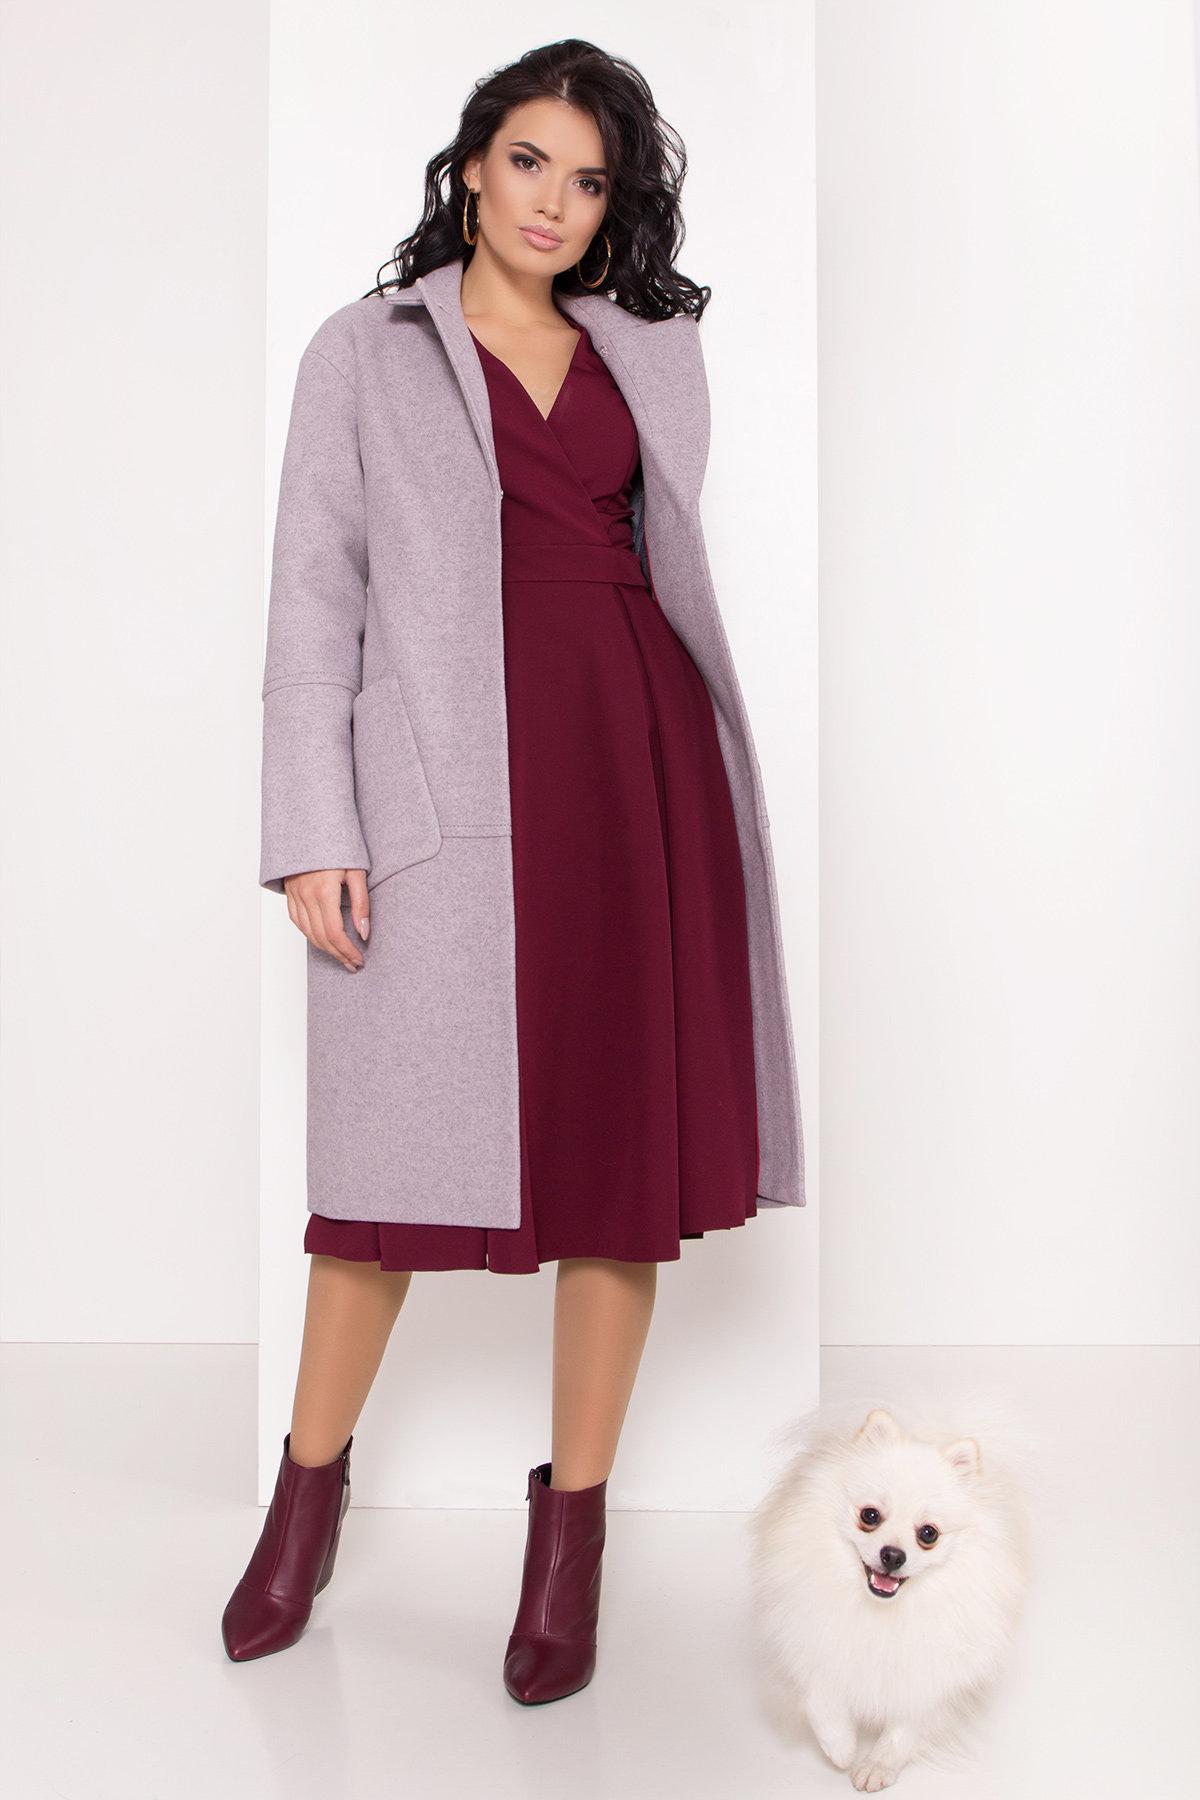 Элегантное зимнее пальто миди длины с накладными карманами Флорида 8138 АРТ. 44094 Цвет: Серо-розовый 46 - фото 1, интернет магазин tm-modus.ru